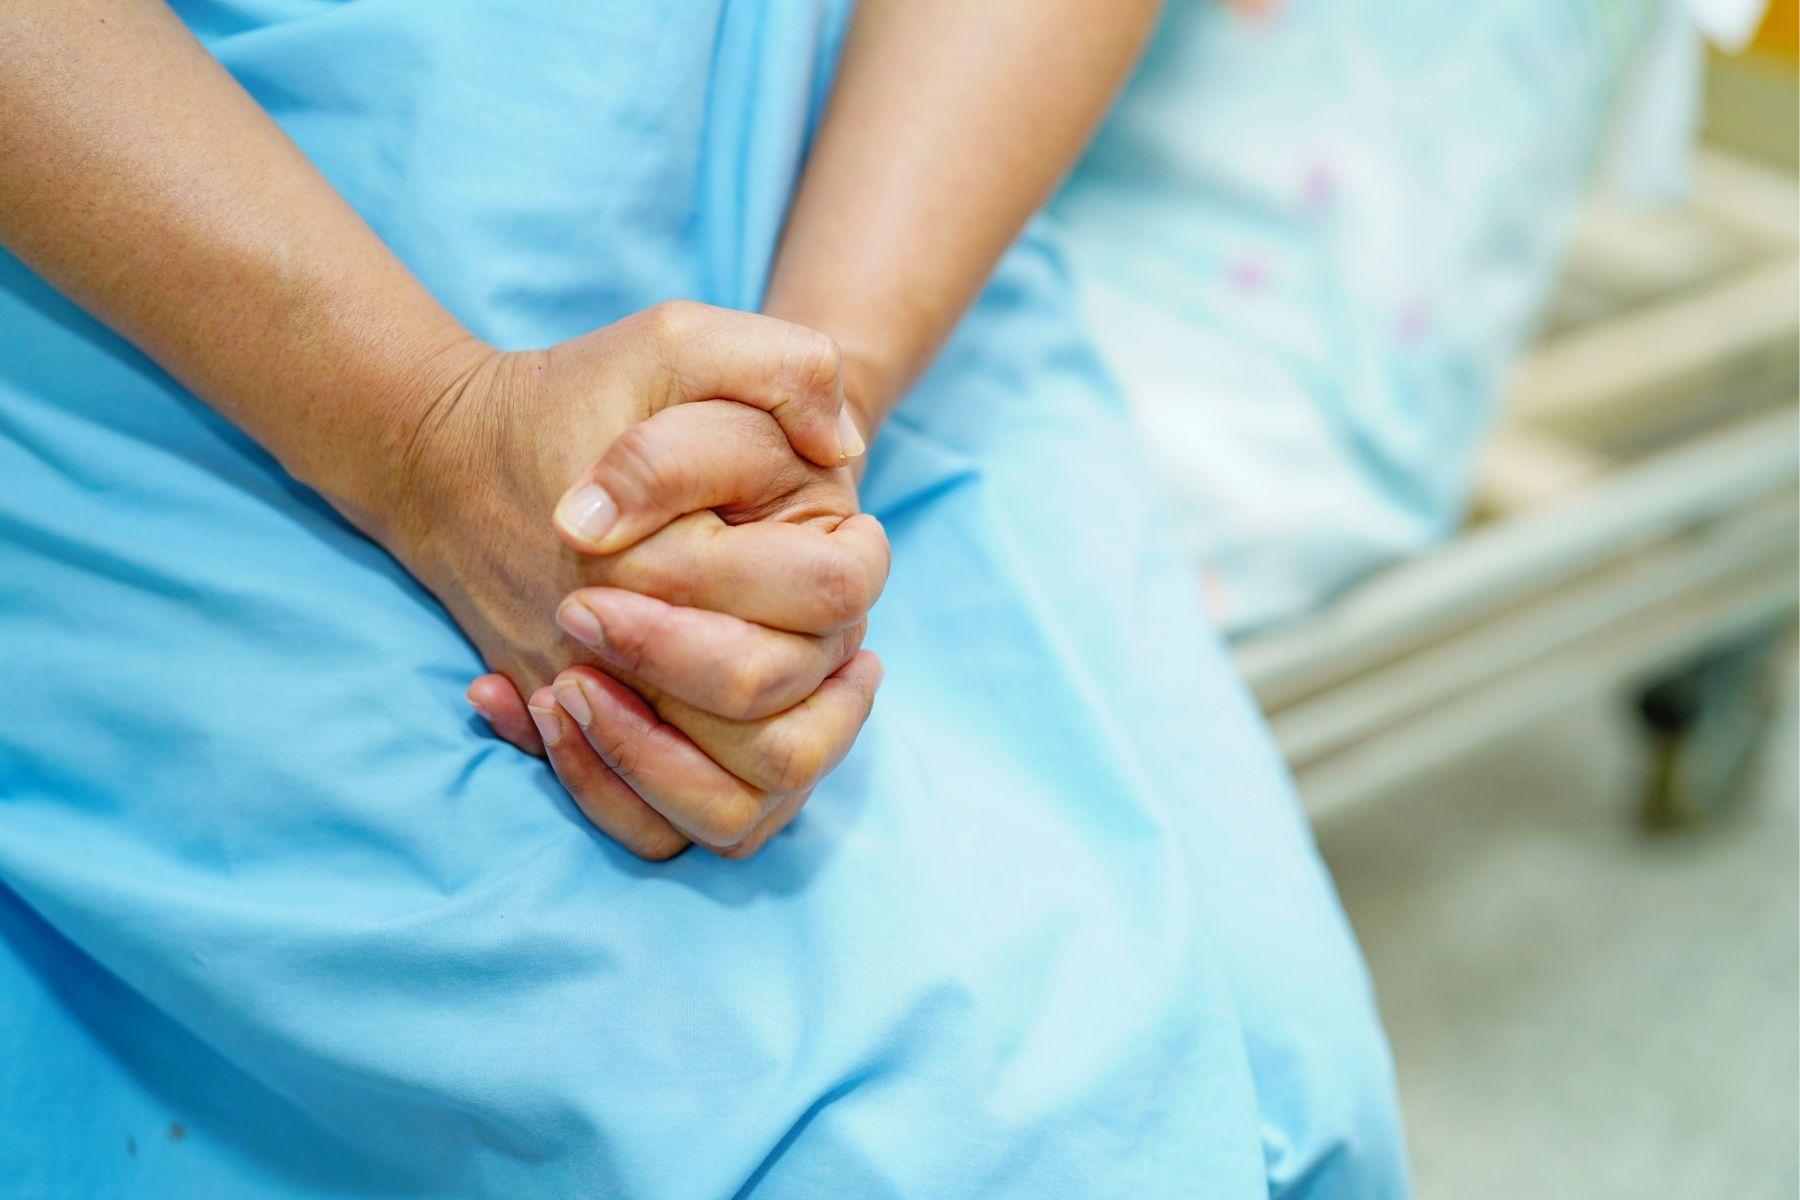 80%胰臟癌患者發現早已是晚期,8大罹癌風險可能真的很要命!快看你中了幾項